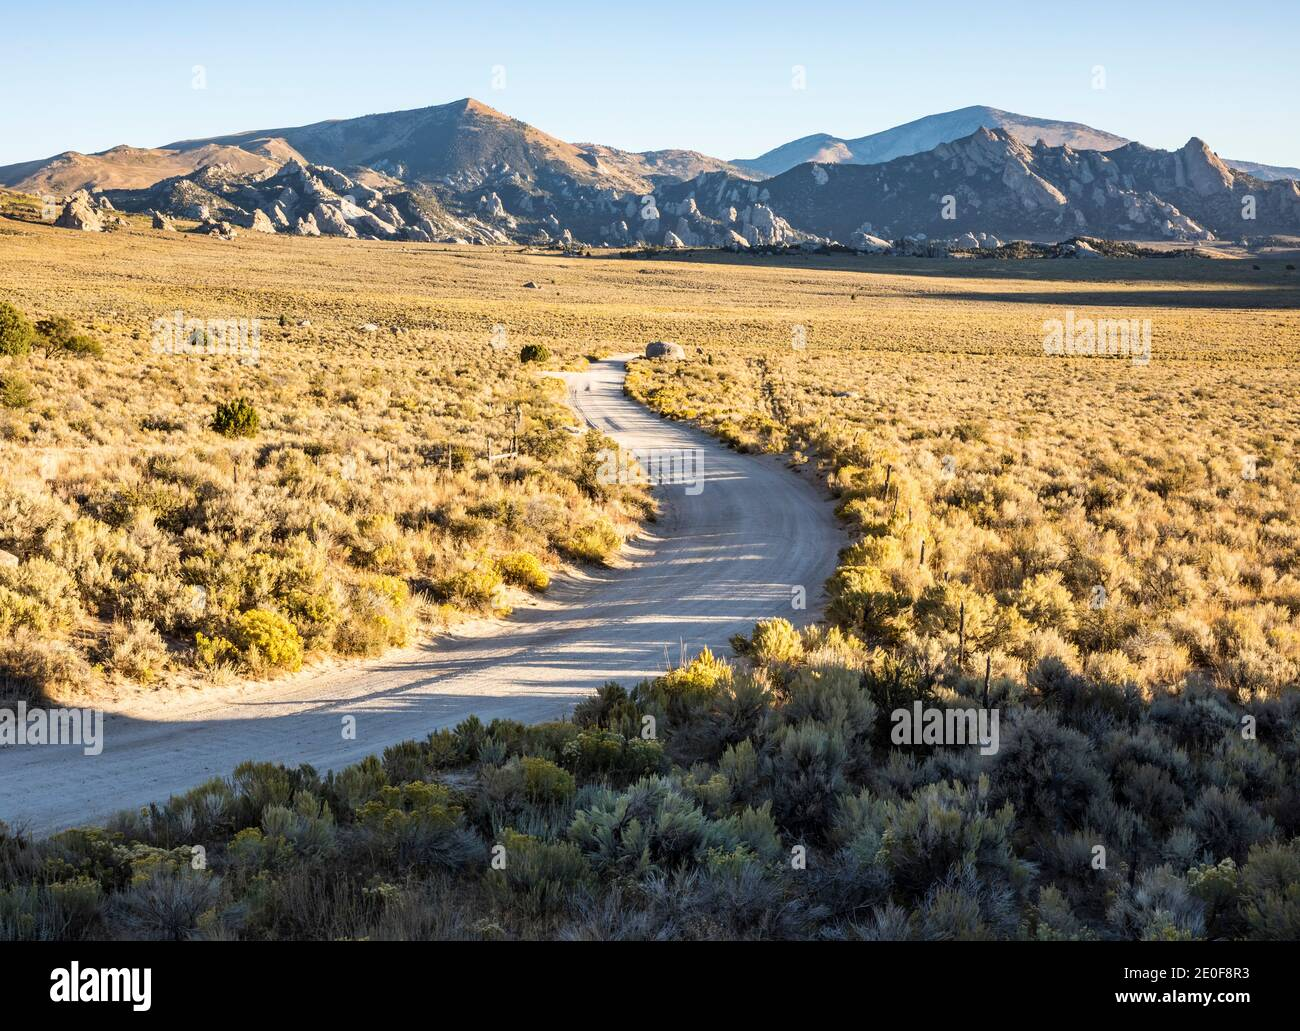 South Twin Sister Road como serpentea a través del cepillo de la maleza hacia la Reserva Nacional de City of Rocks propiamente dicho, Idaho, EE.UU. Foto de stock